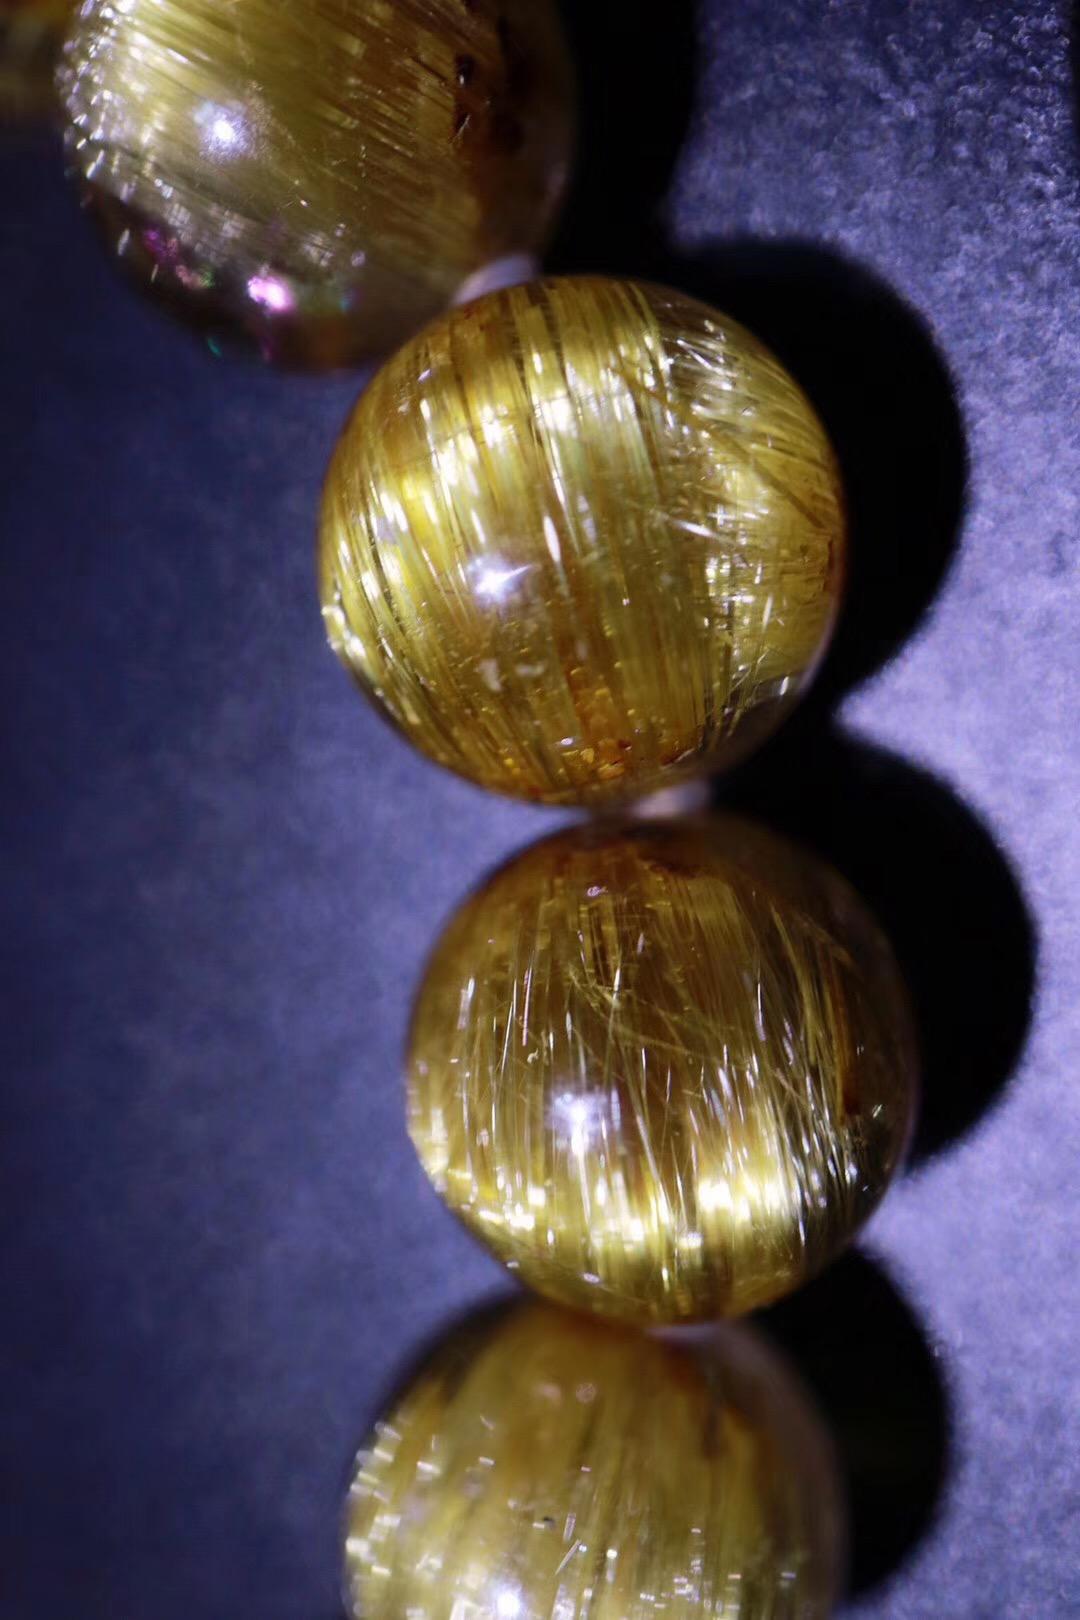 【菩心   钛晶】财富通达,如钛晶里的发丝-菩心晶舍